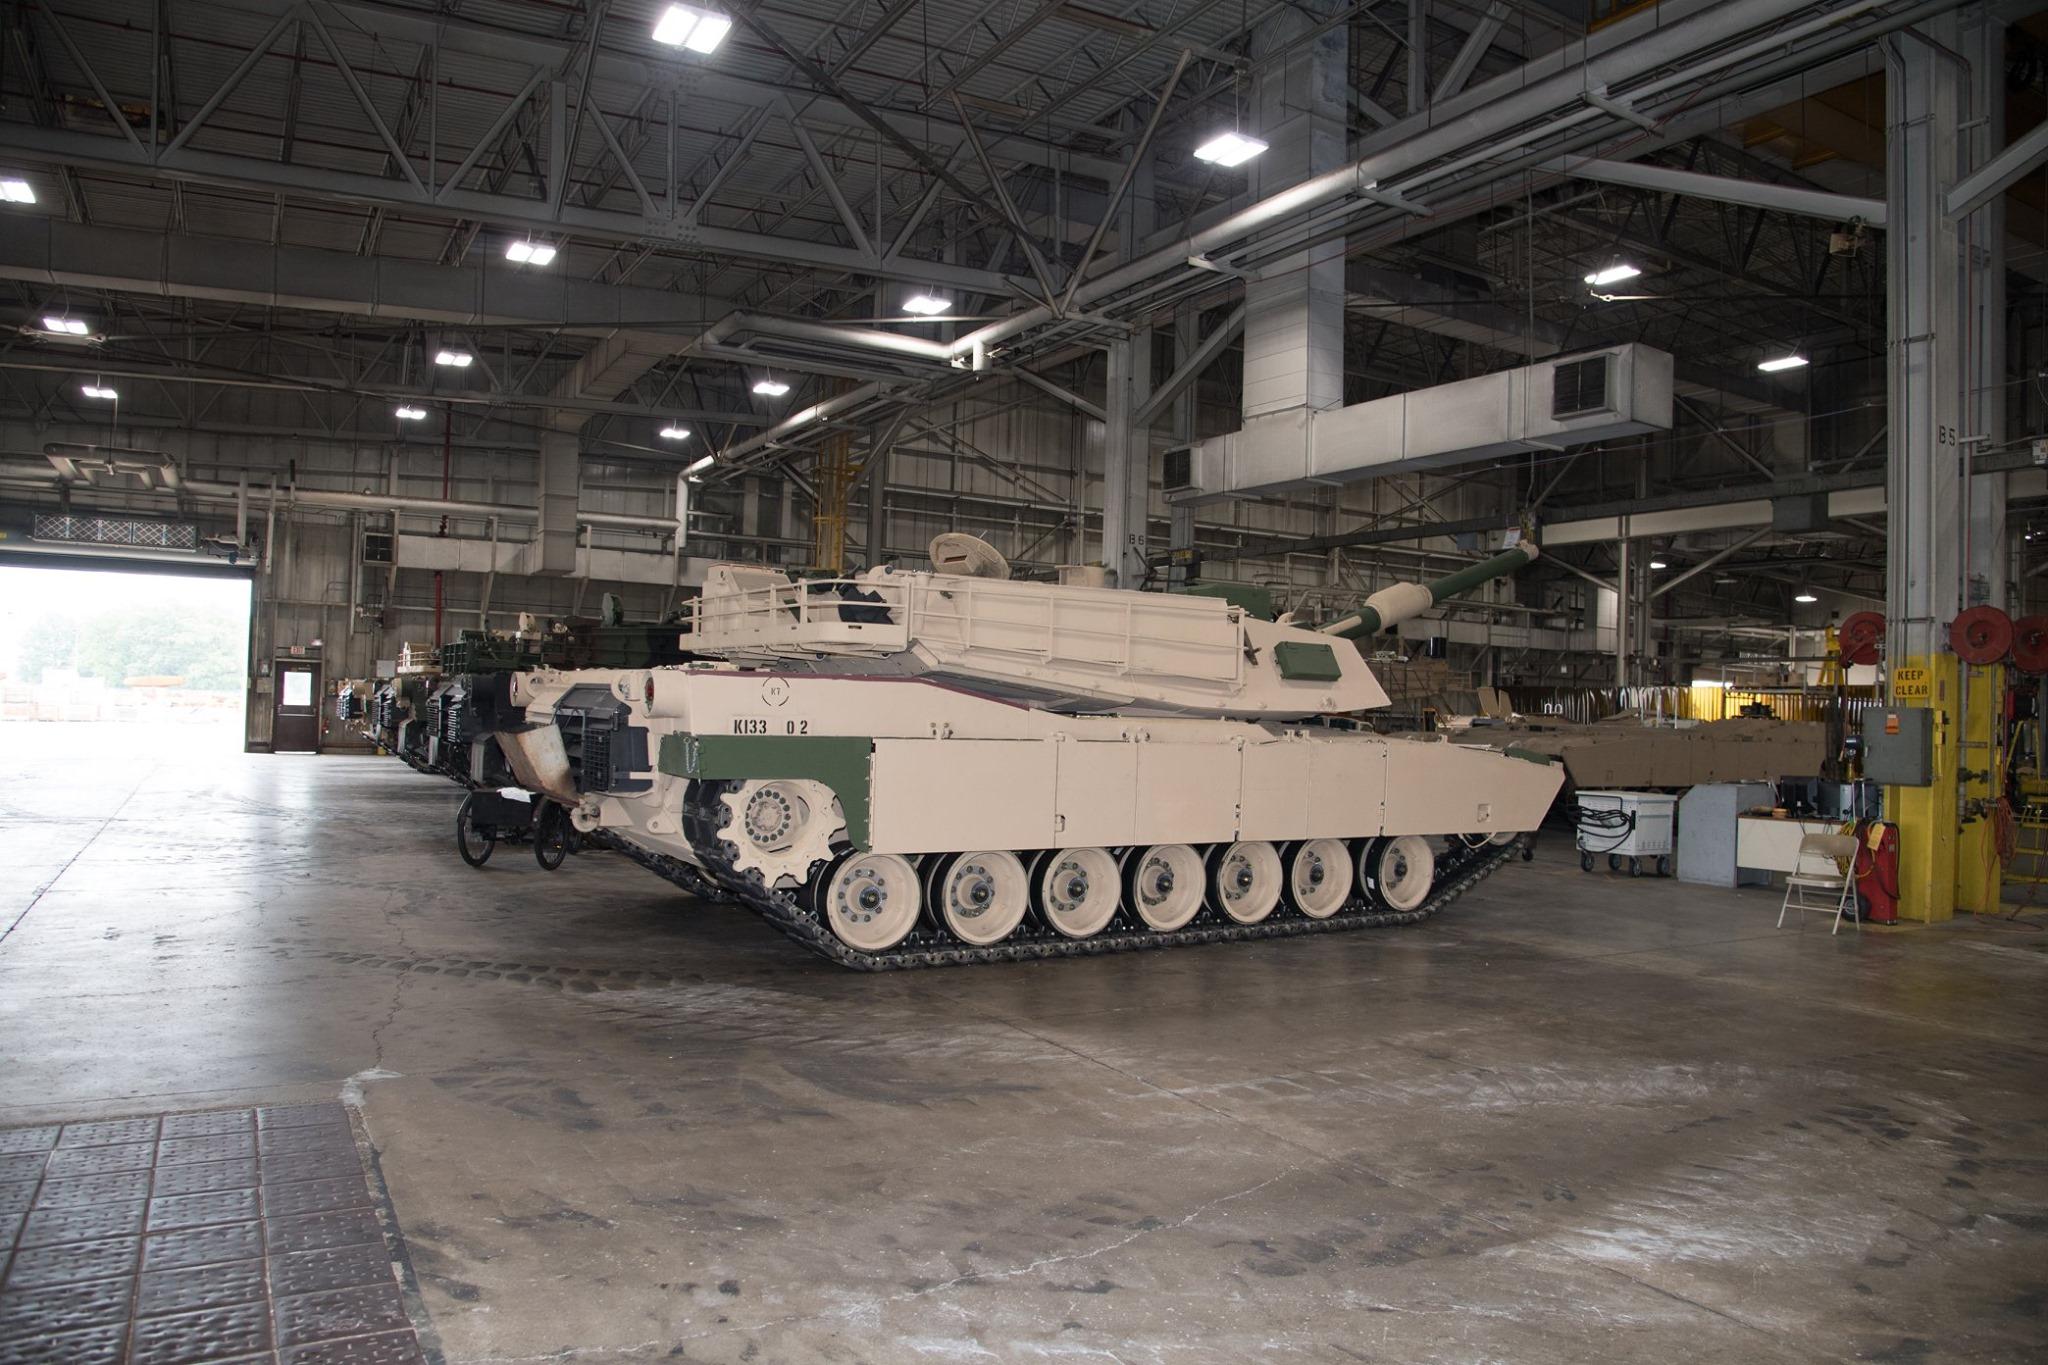 美軍最先進M1A2C坦克制造車間曝光 車體銹跡斑斑 - 陸軍論壇 - 鐵血社區